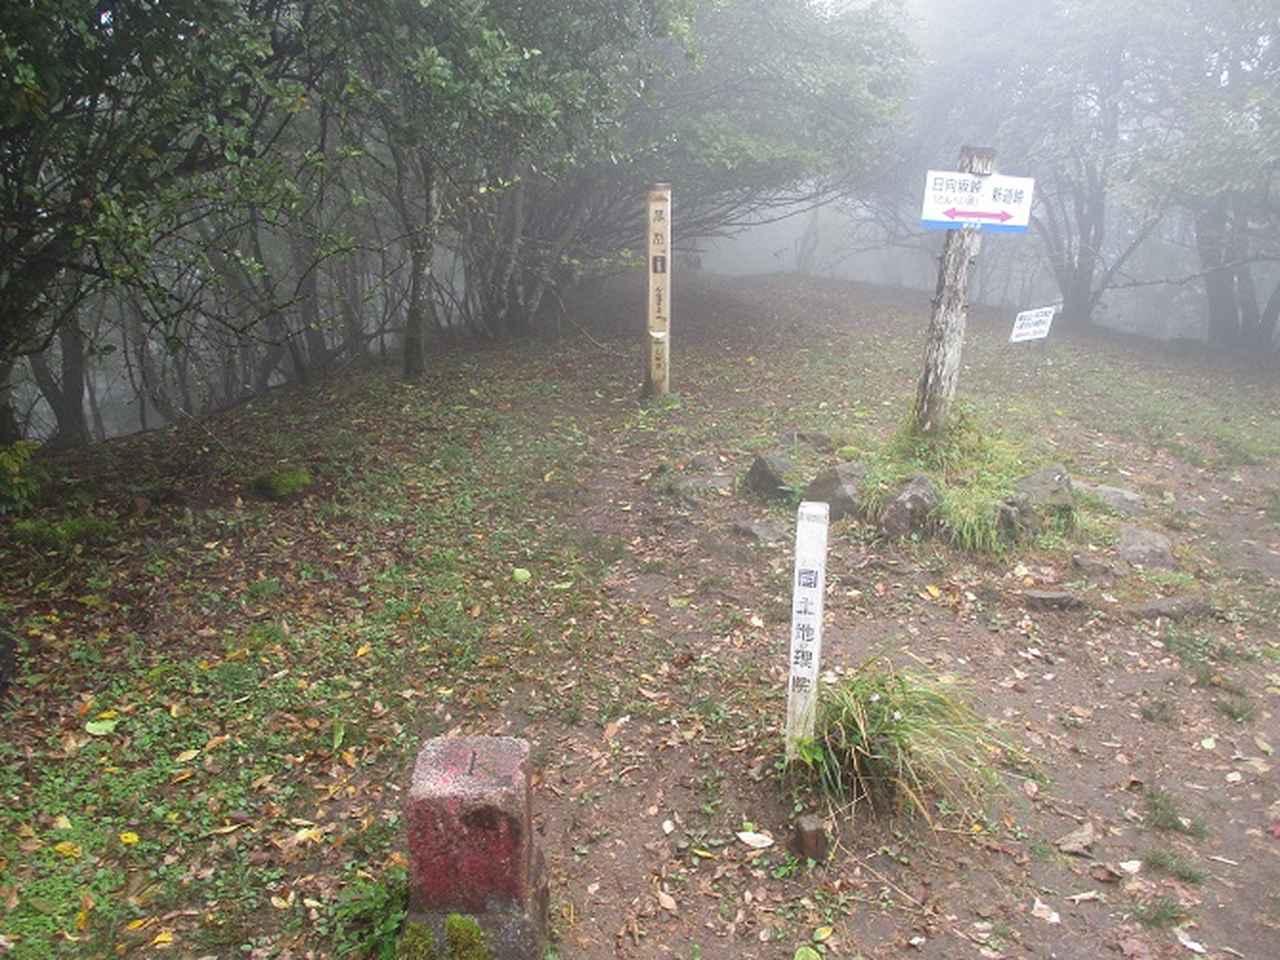 画像6: 10月の山旅会 「御坂黒岳」 ツアーの下見に行ってきました!